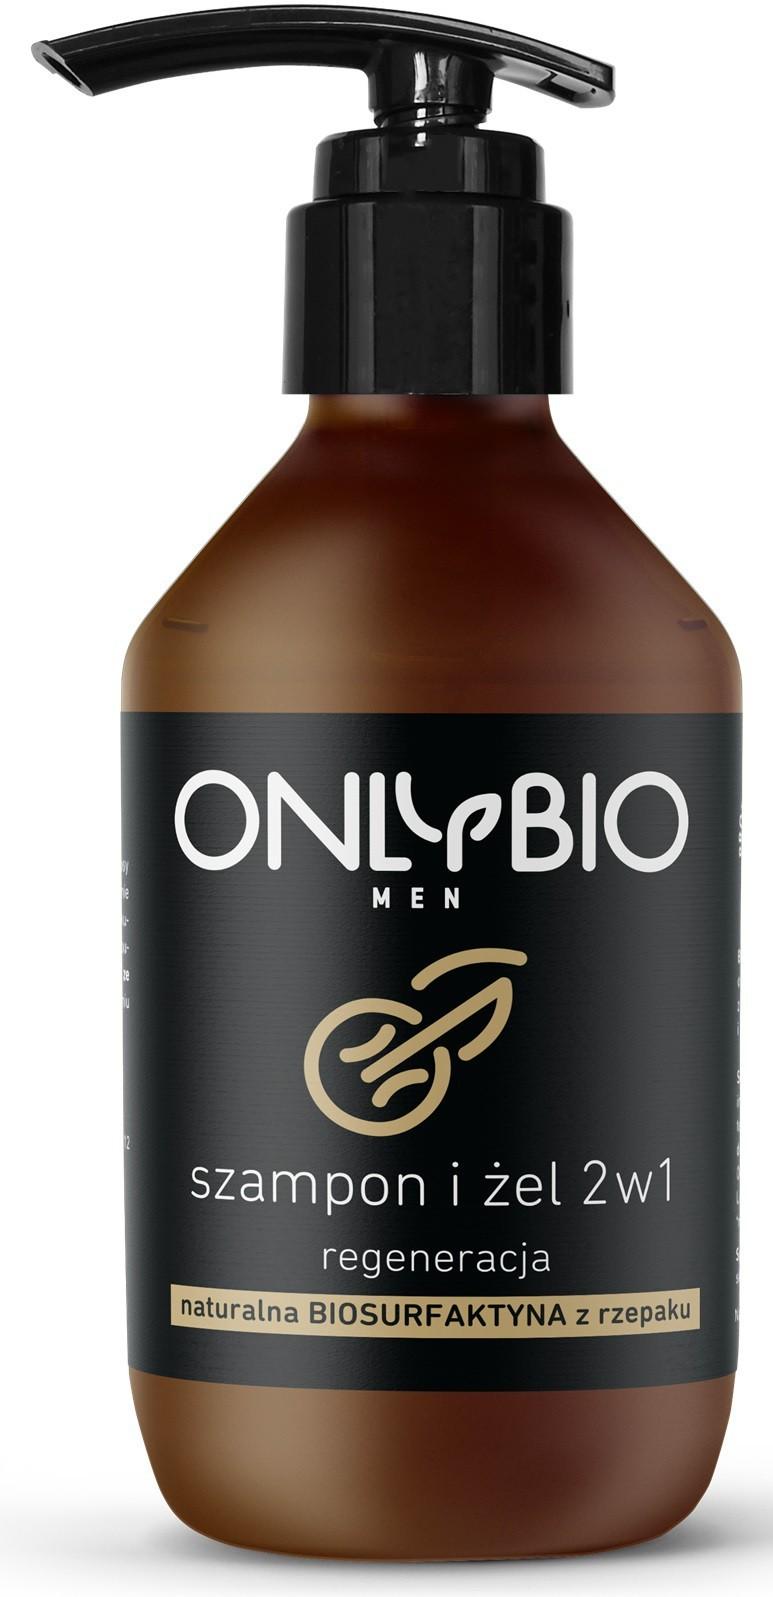 Bio ONLY SZAMPON I ŻEL 2w1 REGENERACYJNY DLA MĘŻCZYZN 250 ml - ONLY